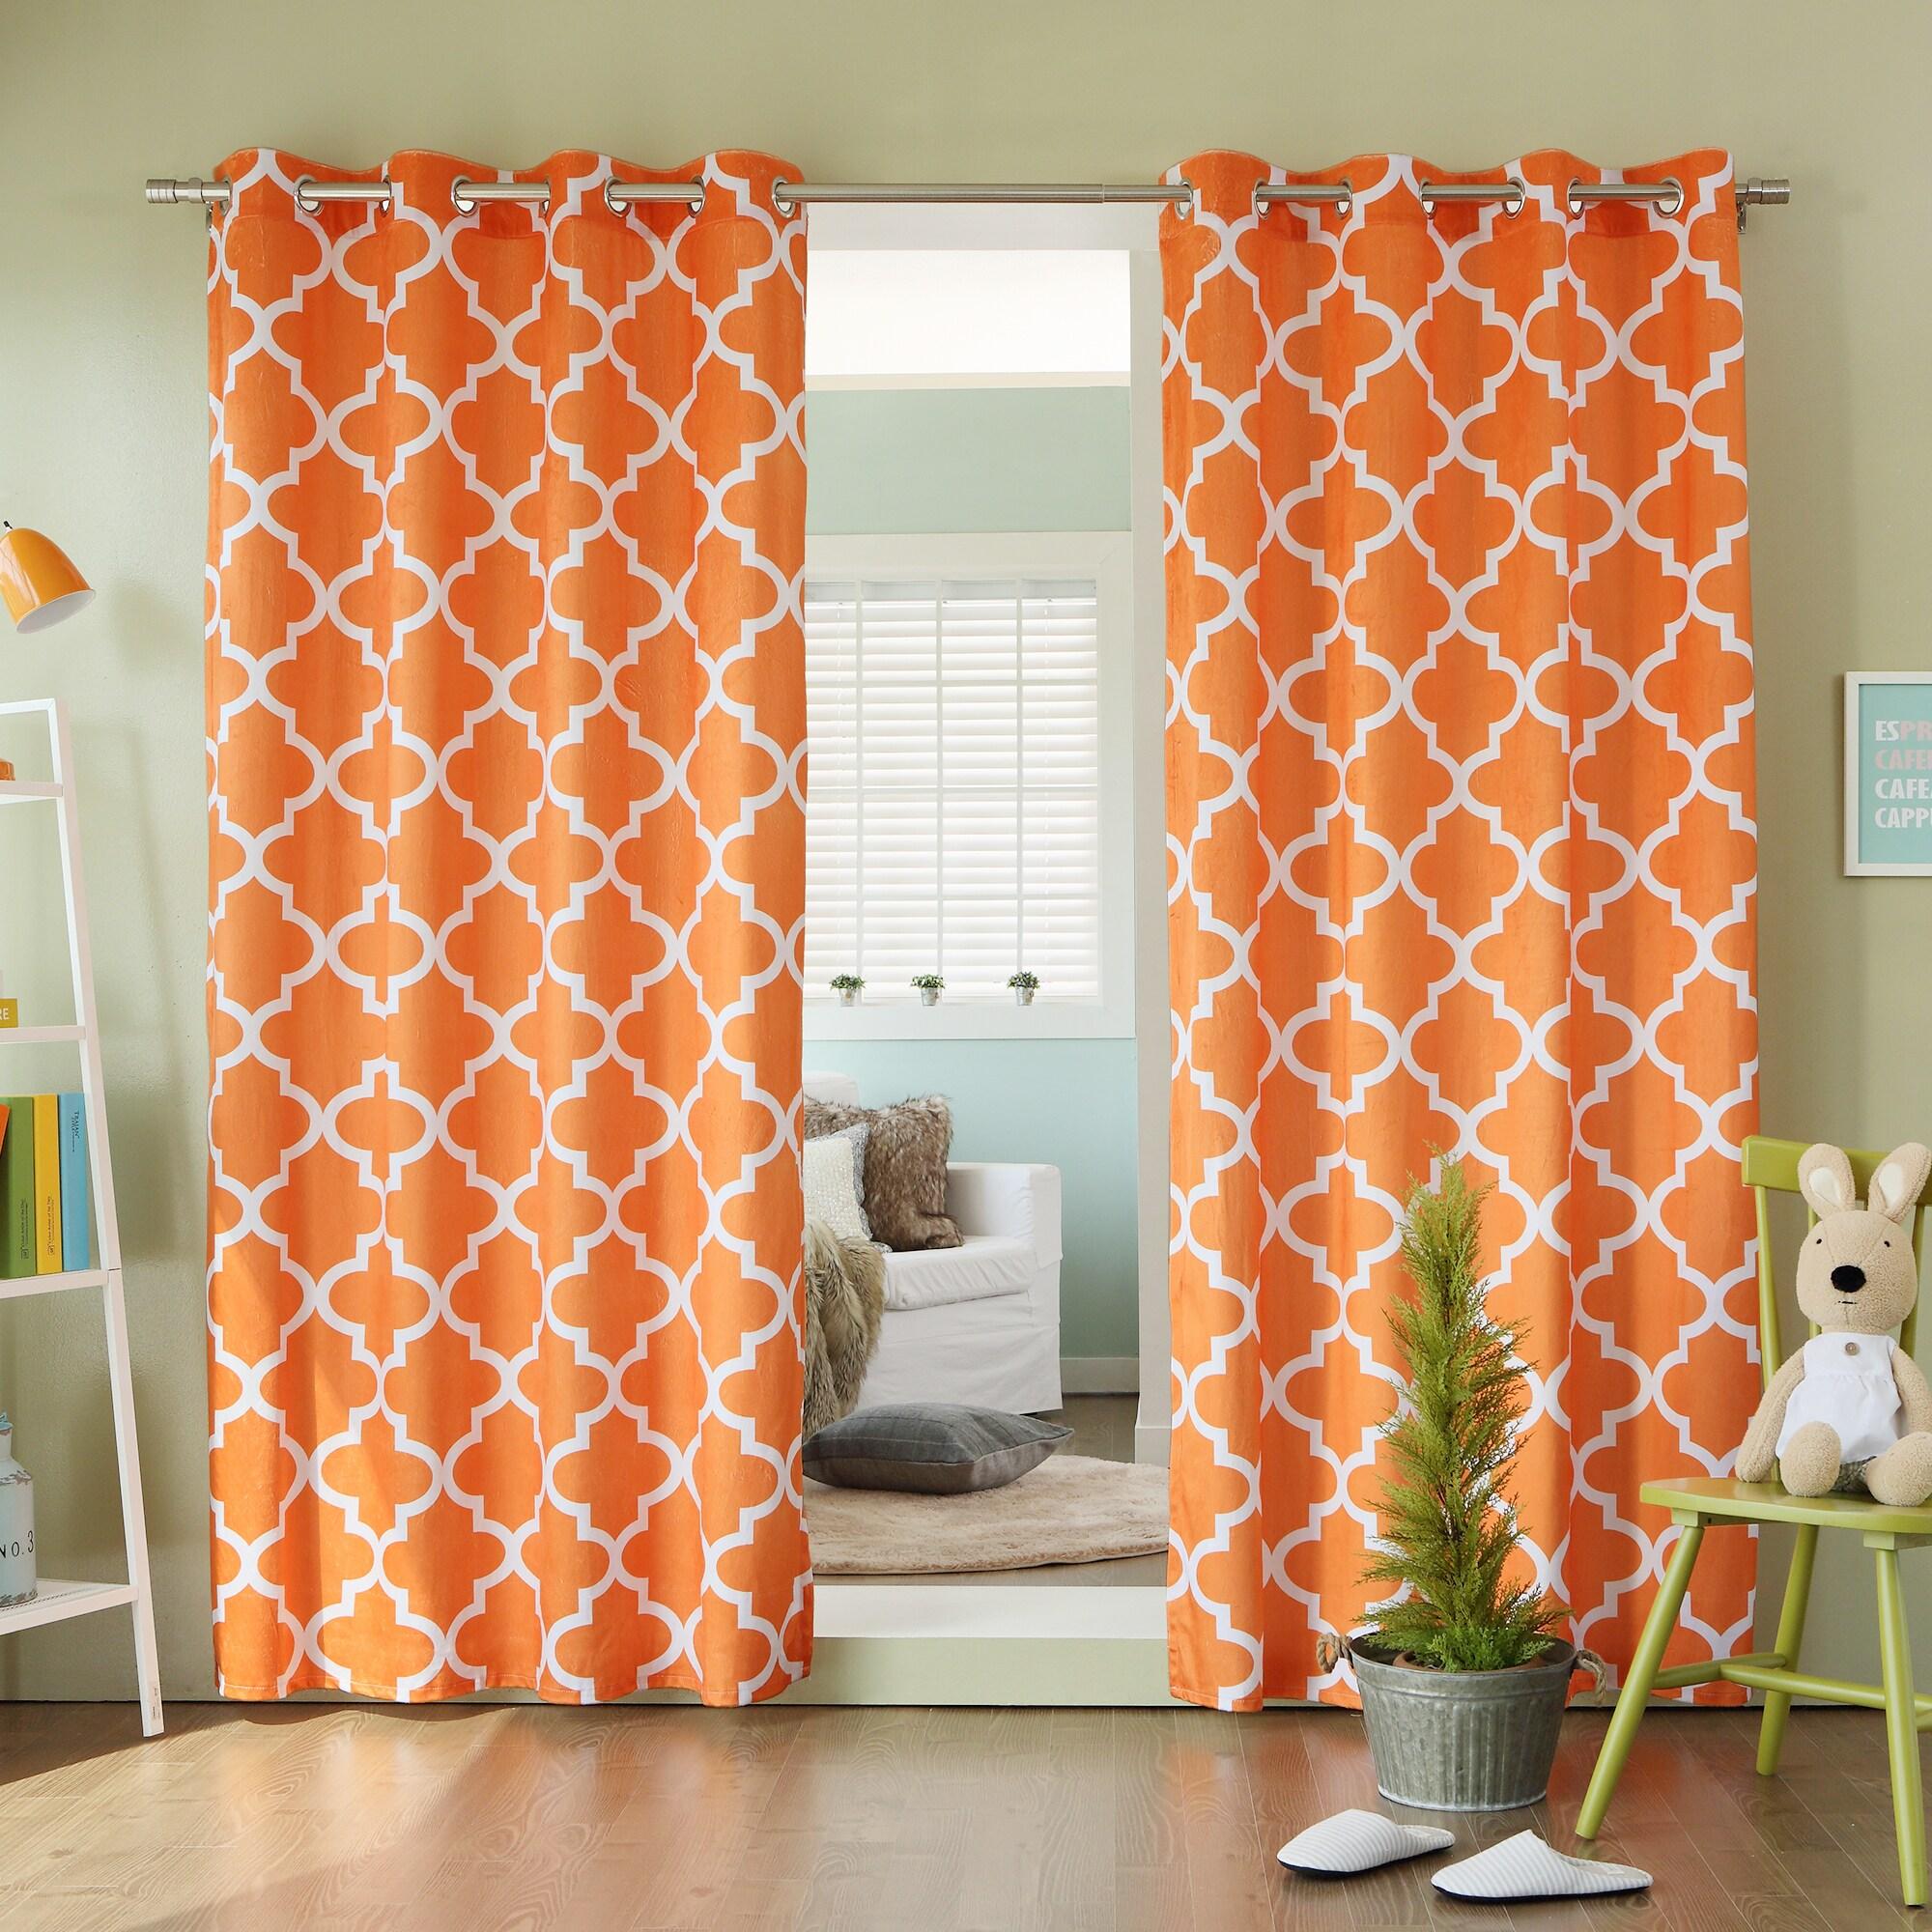 Print curtains